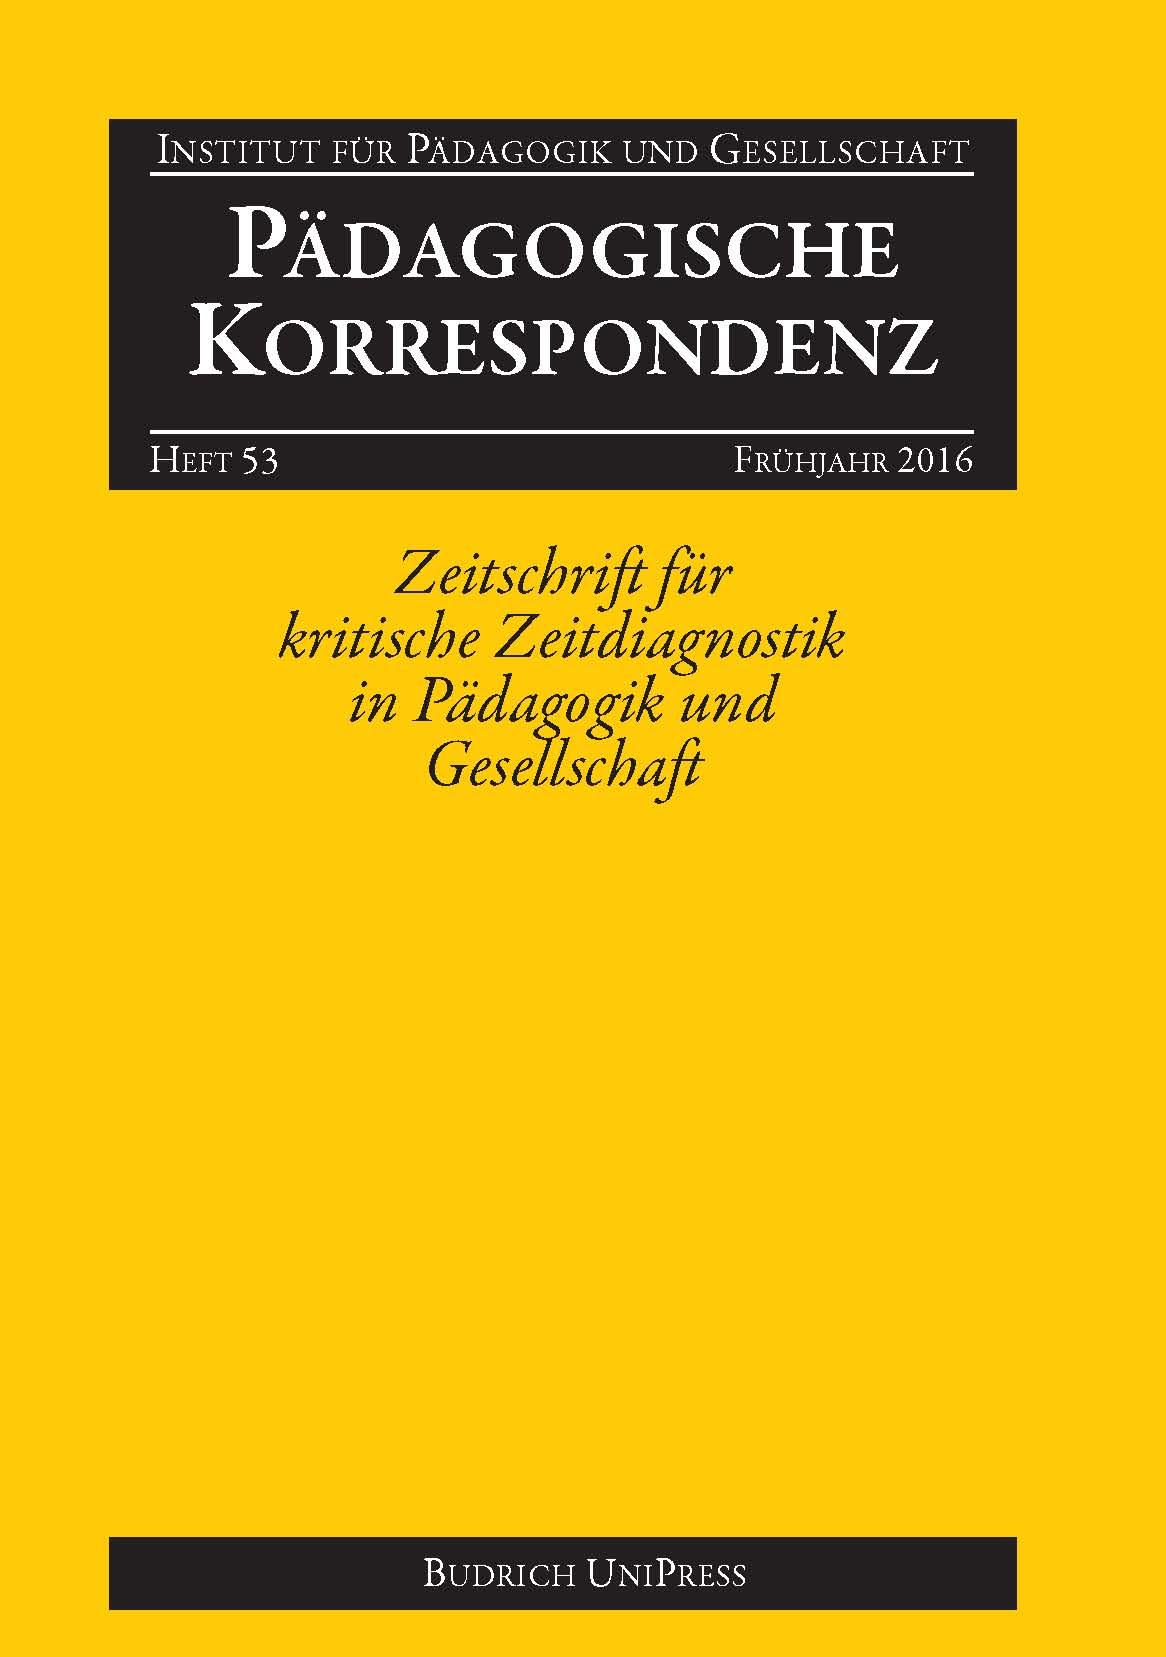 Pädagogische Korrespondenz 53 (1-2016): Freie Beiträge